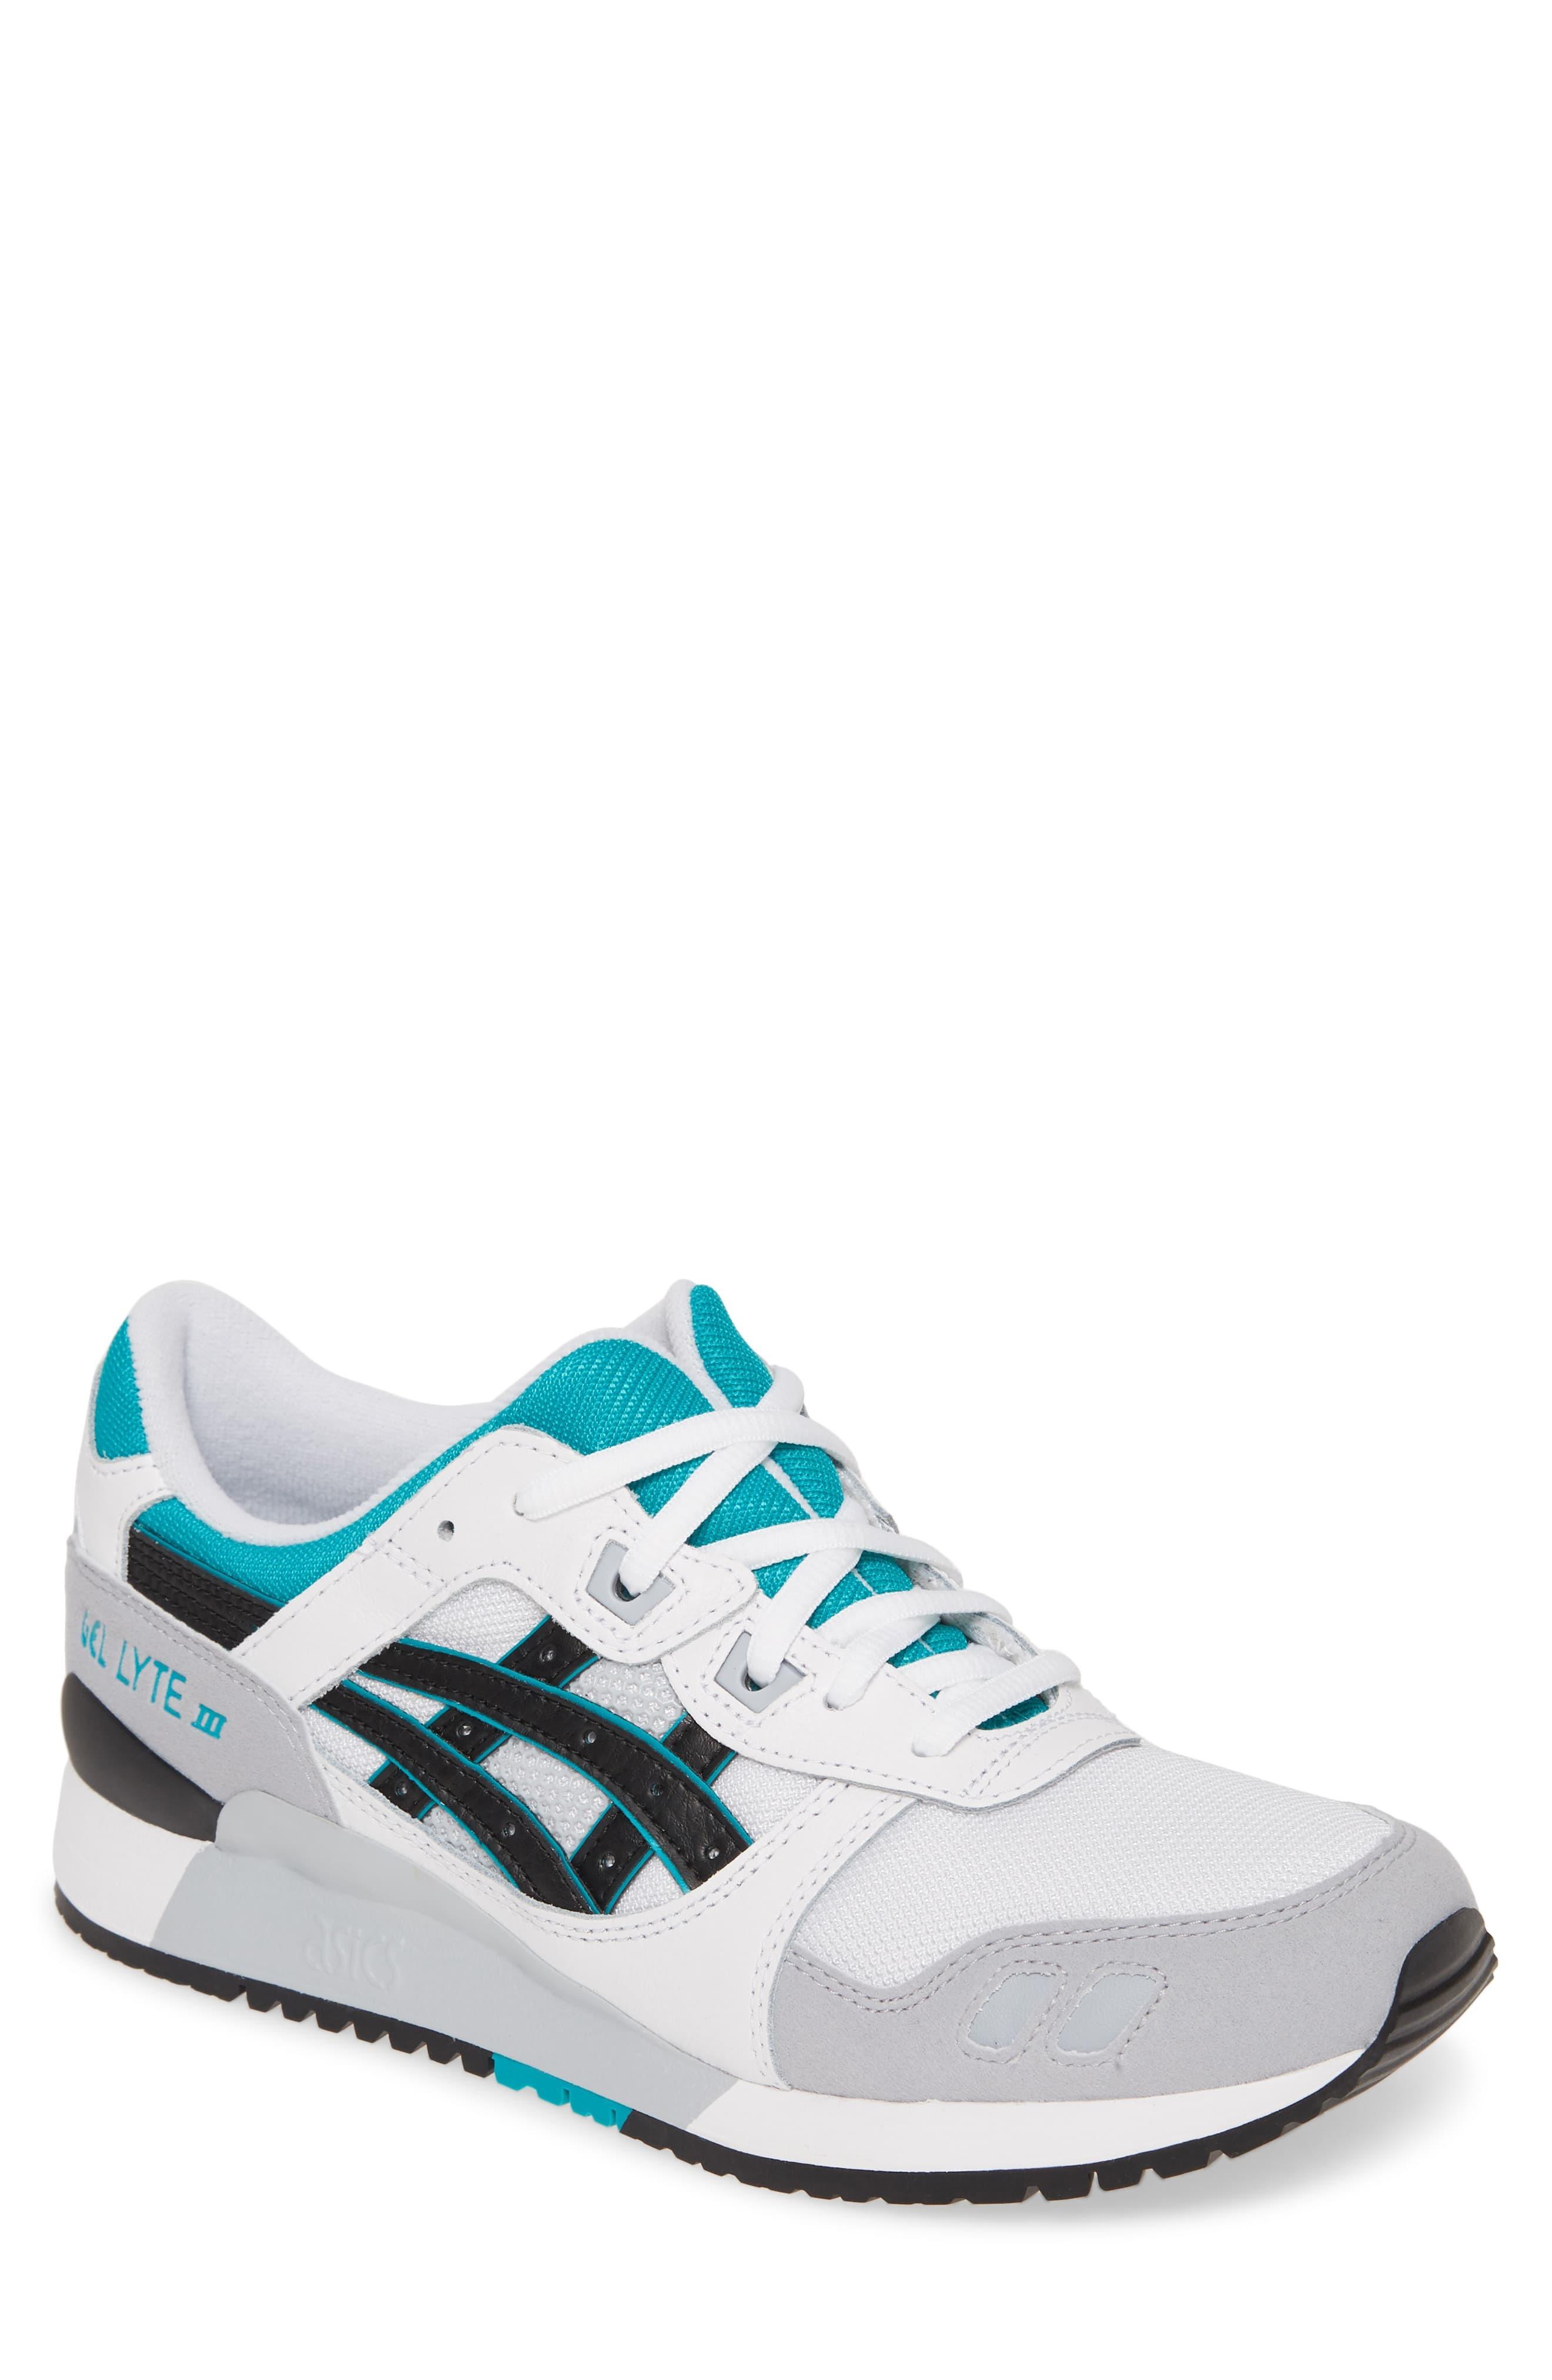 sports shoes 663cb 3e5f1 Gel Lyte Iii Sneaker